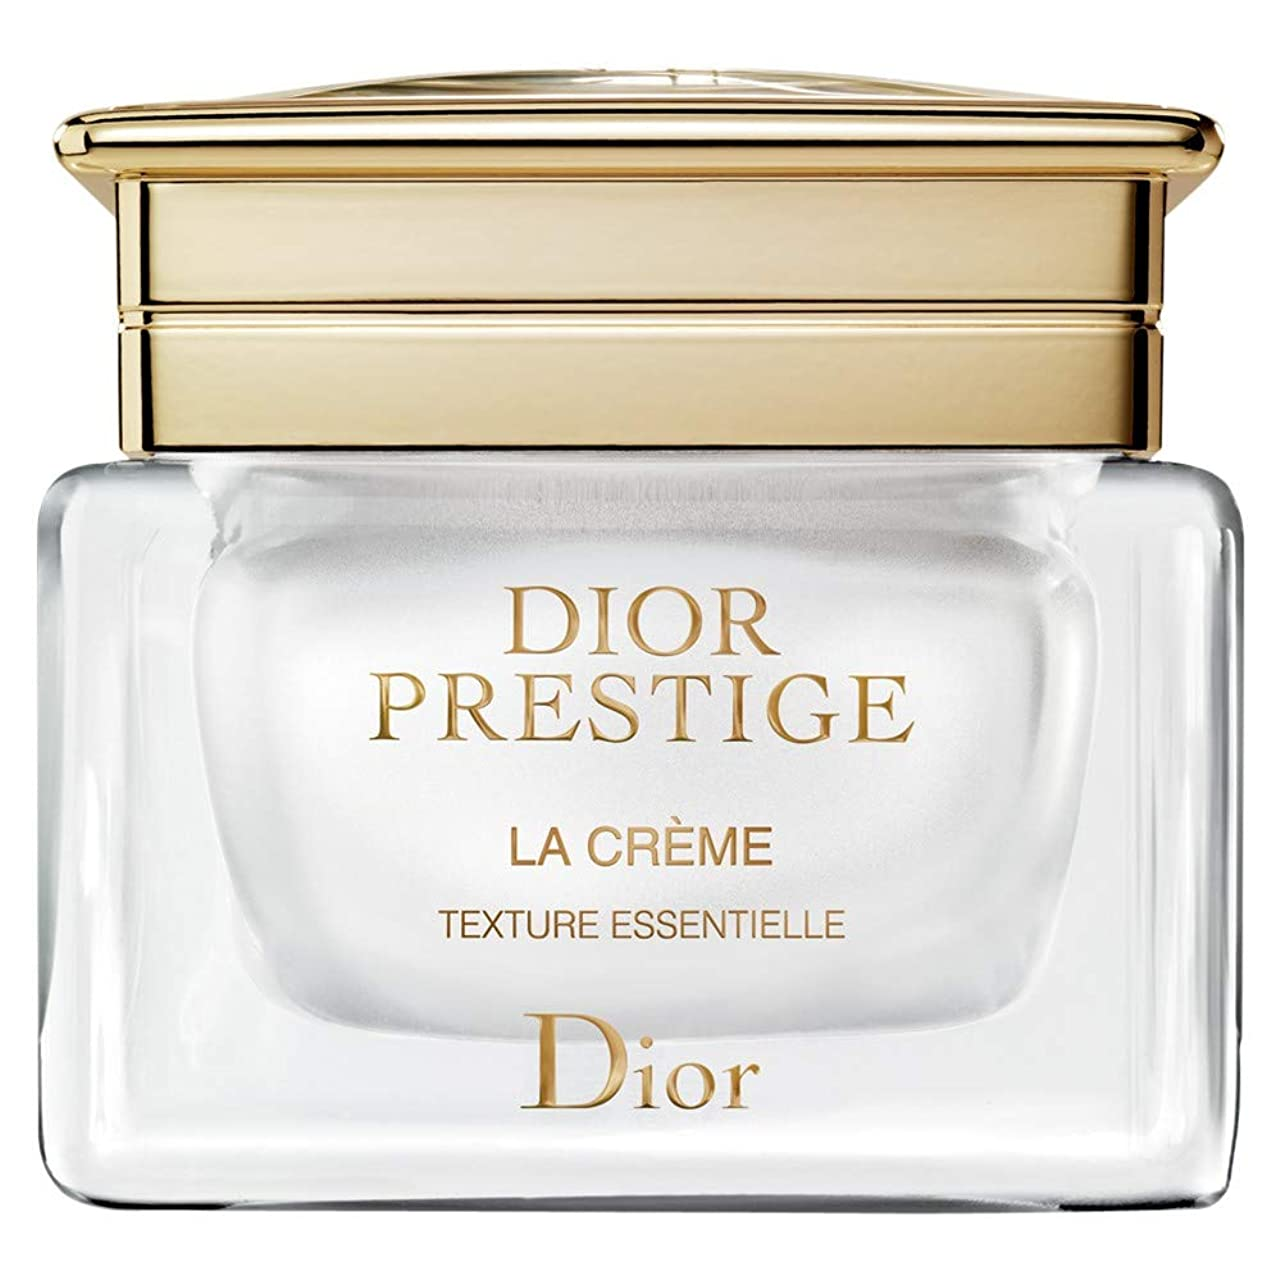 関係ない系譜安いです[Dior ] ディオールプレステージ?ラ?クリームリフィル50ミリリットル - Dior Prestige La Creme Refill 50ml [並行輸入品]